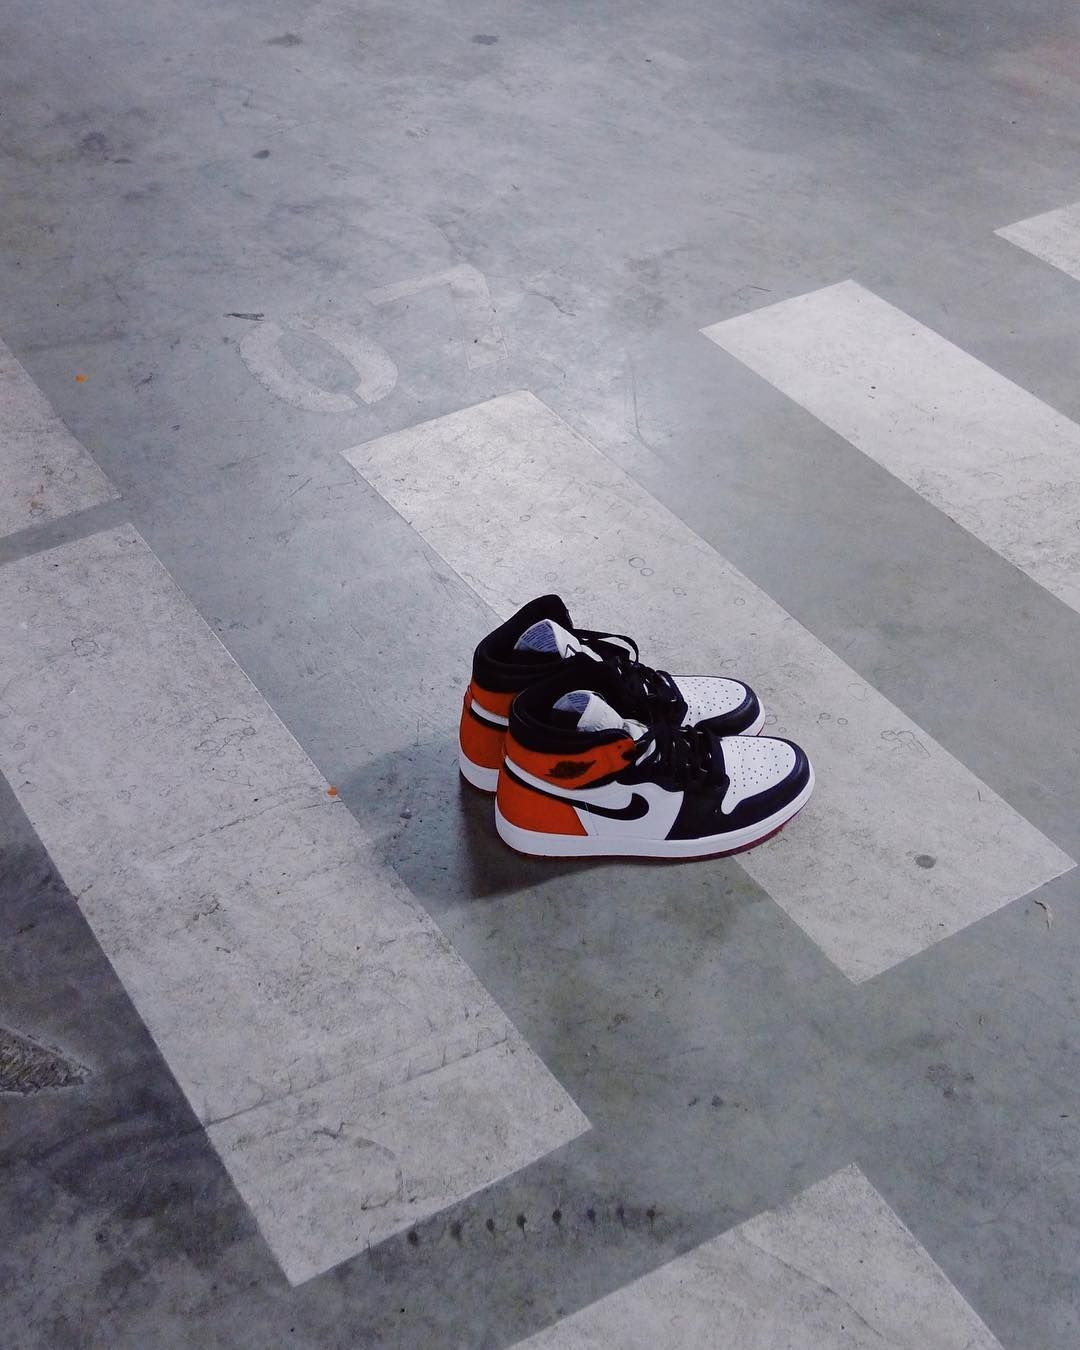 78f4971611d1 I felt so many people slept on the black-toe 1 s - what sneaker do ...